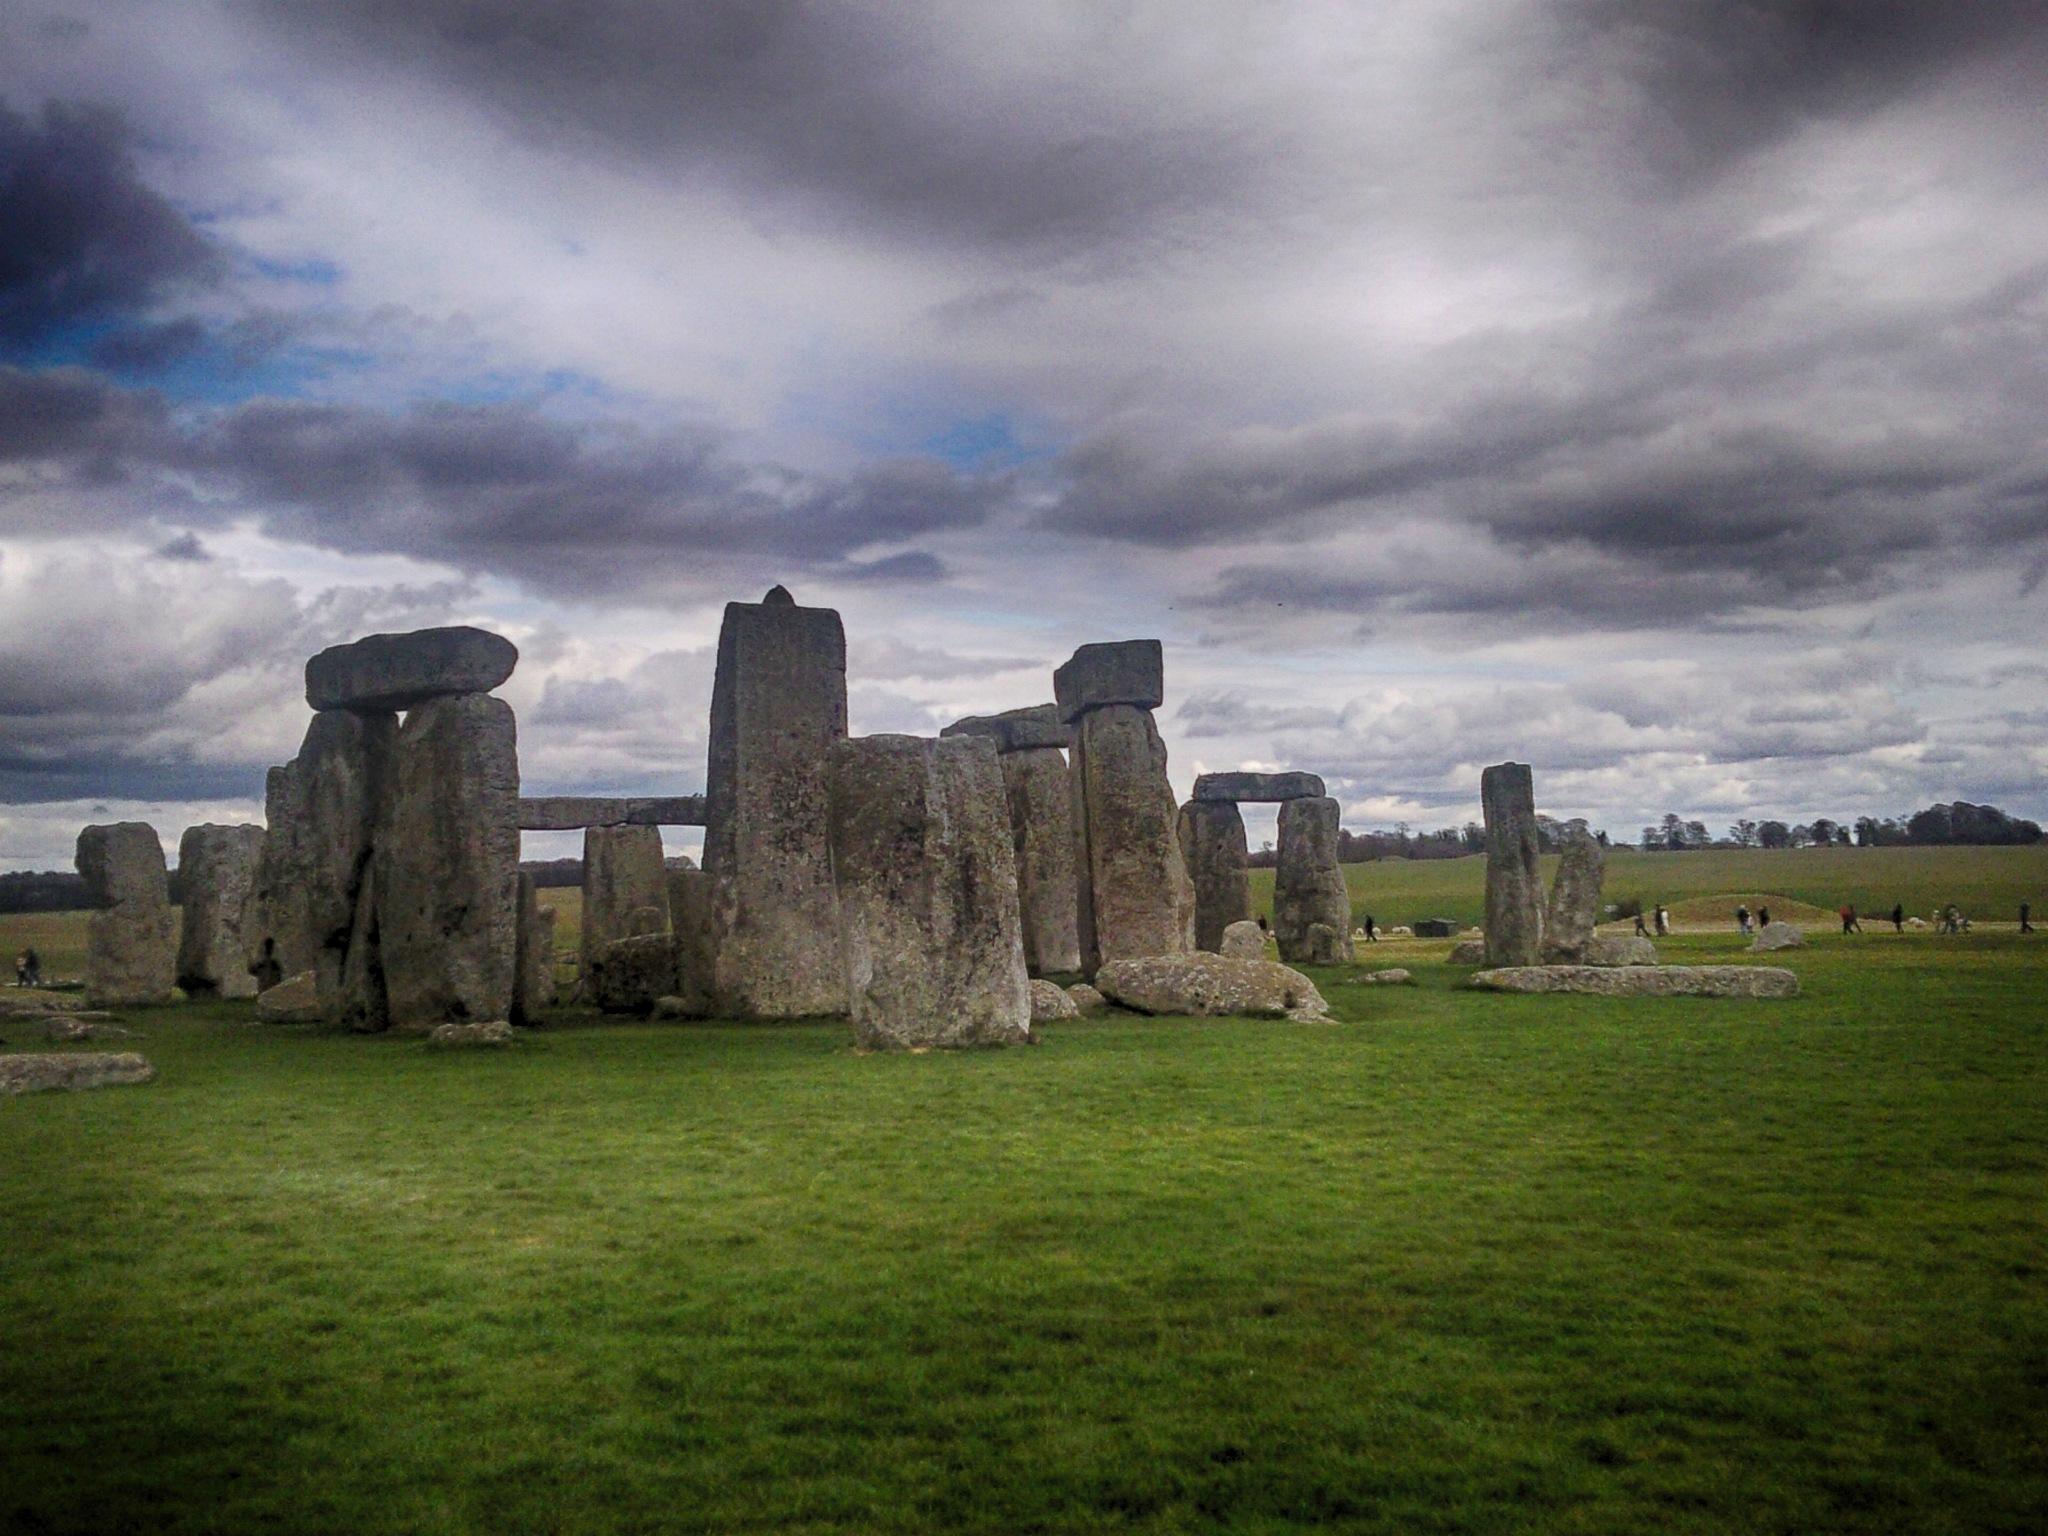 stonehenge by photogaphotography